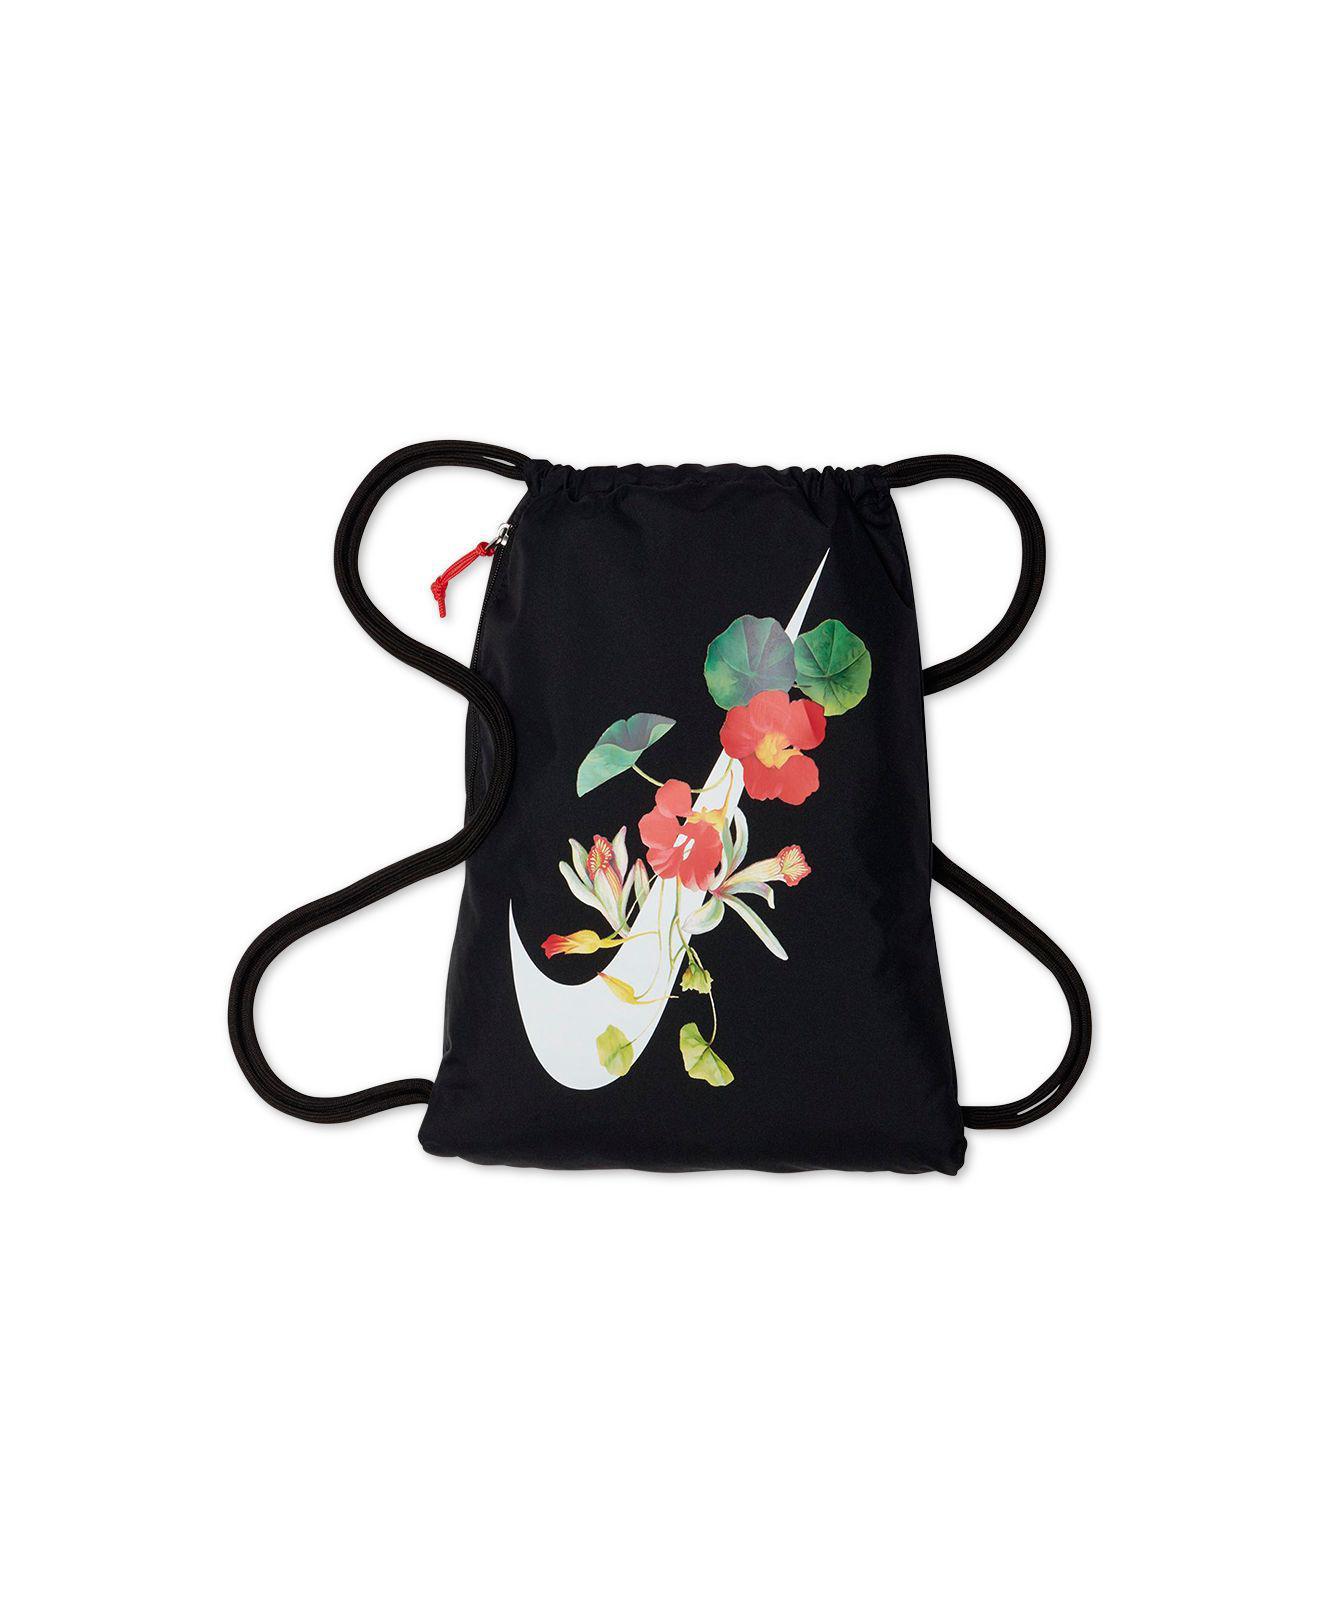 wholesale dealer 643bb 12506 Nike Ultra-femme Floral-logo Gym Sack in Black - Lyst